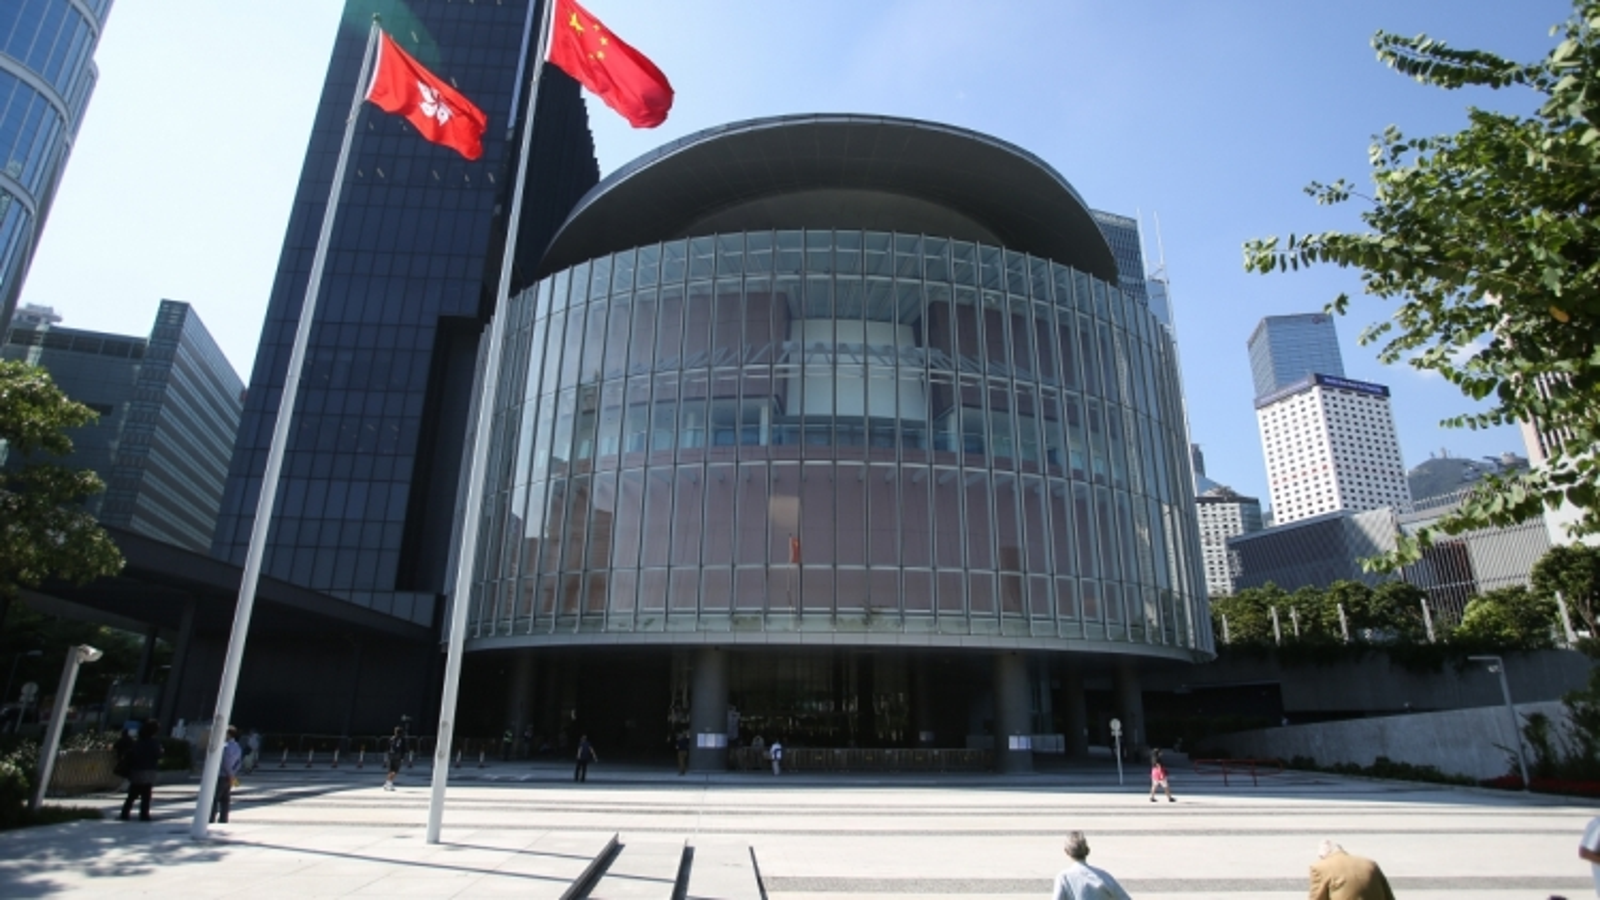 Việt Nam nói gì khi Trung Quốc thông qua Quyết định hoàn thiện chế độ bầu cử Hong Kong?